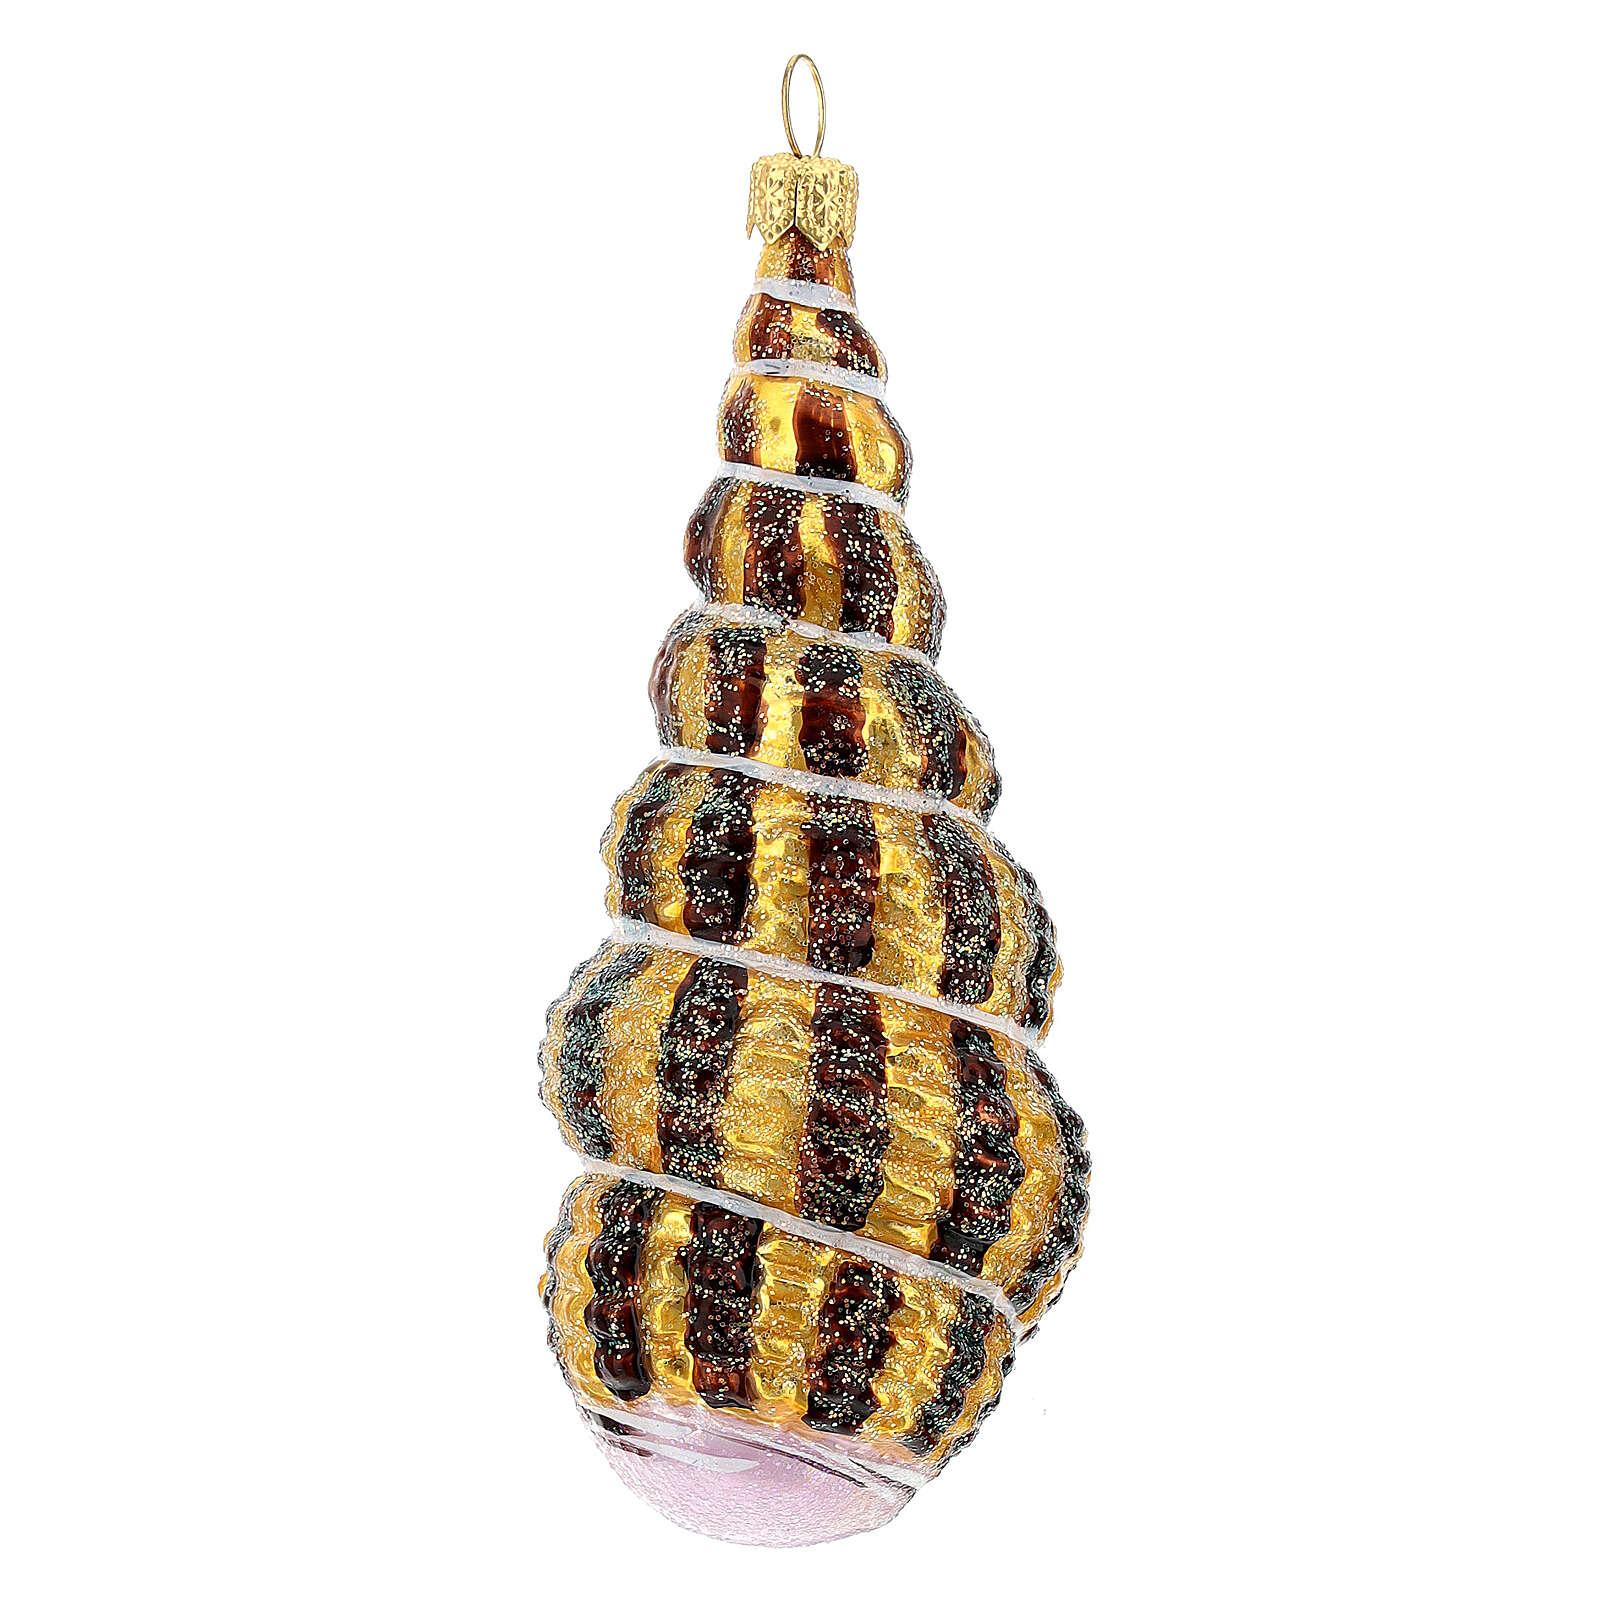 Coquillage torsadé verre soufflé décoration sapin Noël 4